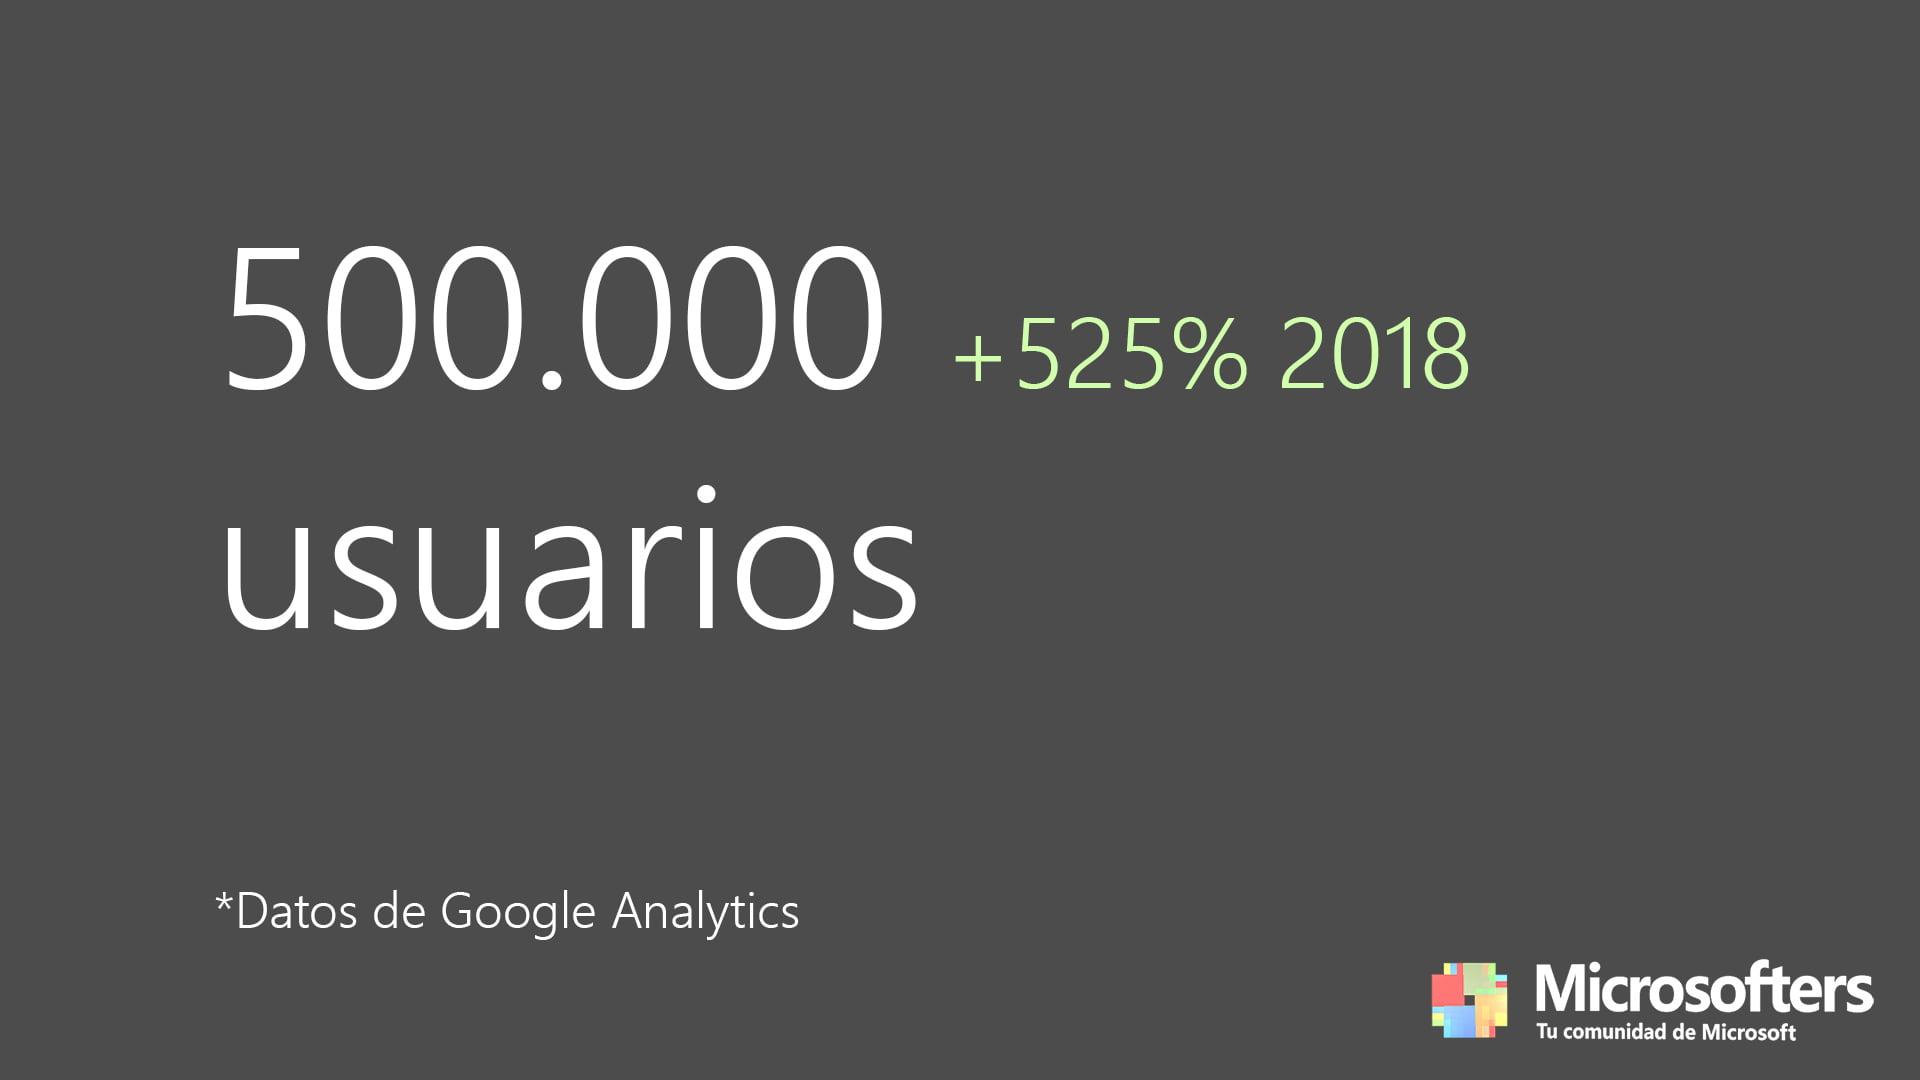 500.000 usuarios únicos de Microsofters en 2019